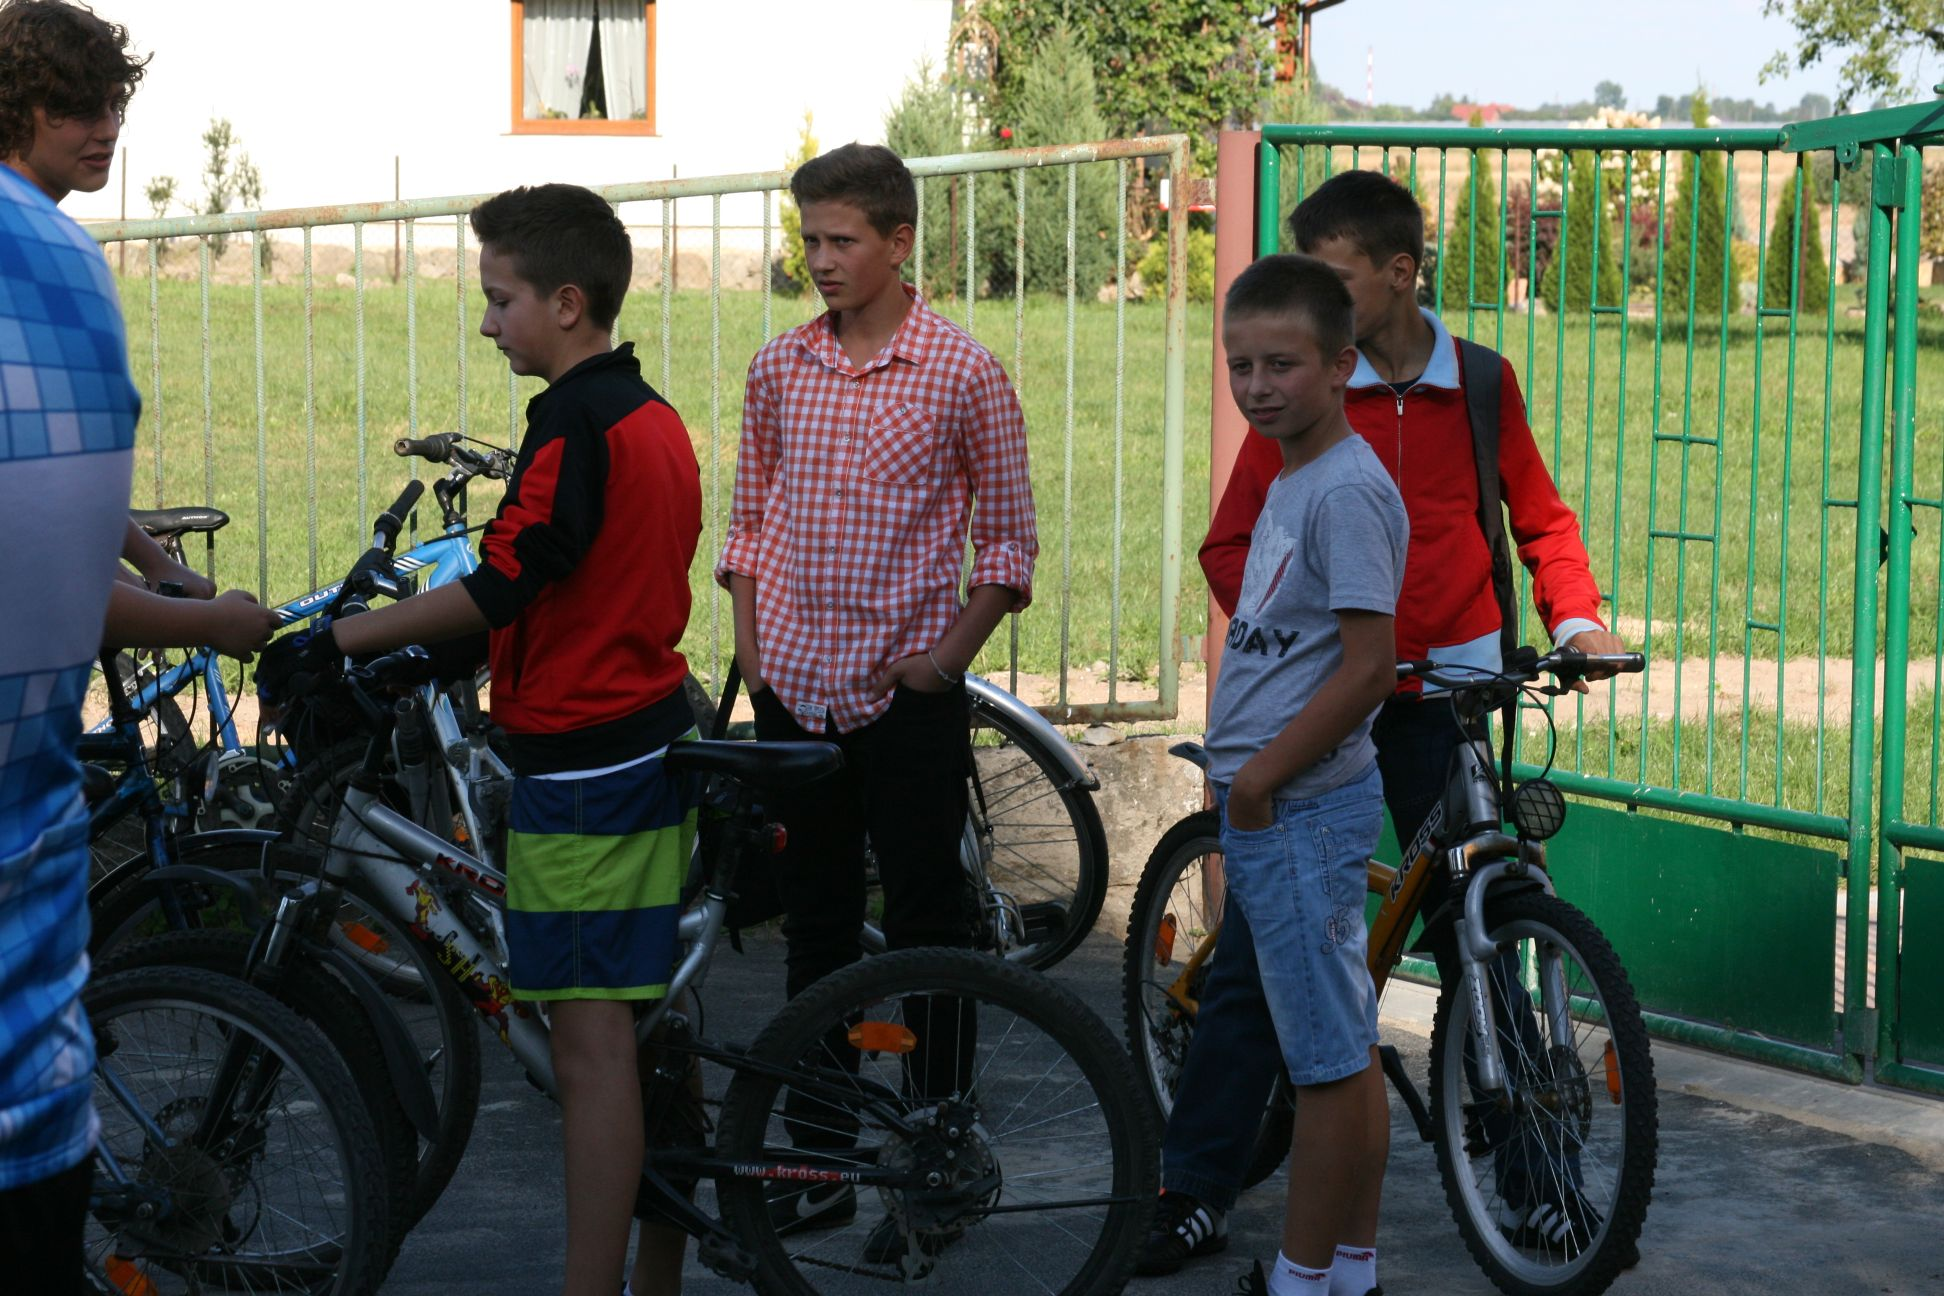 Rajd rowerowy młodzieży gomulińskiej